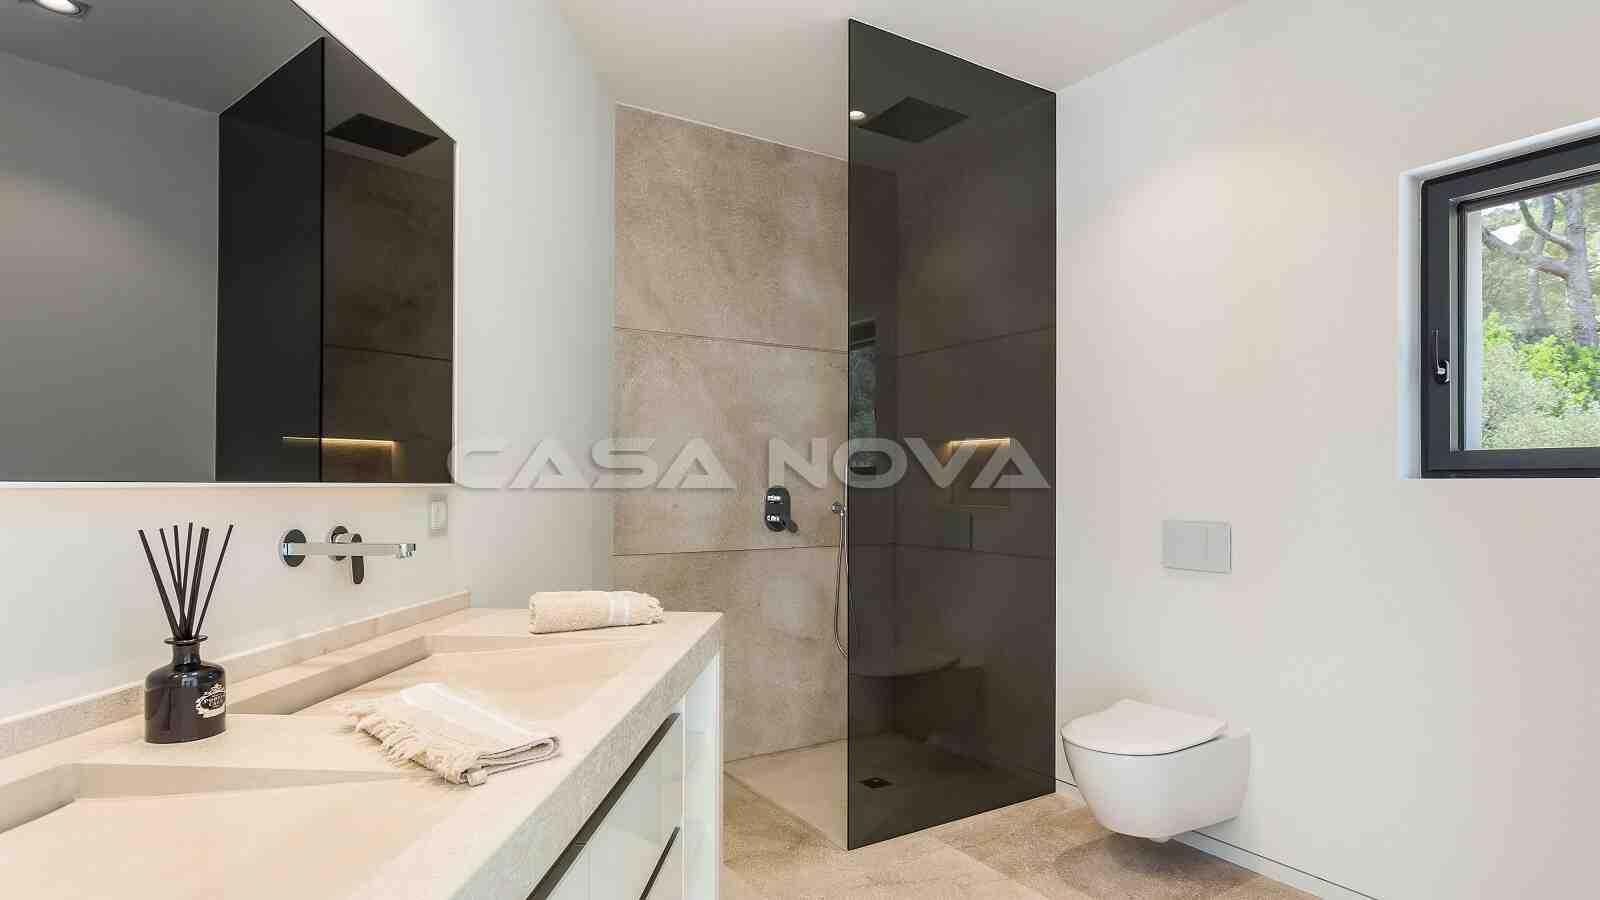 Stilvoll eingerichtetes Bad mit Dusche